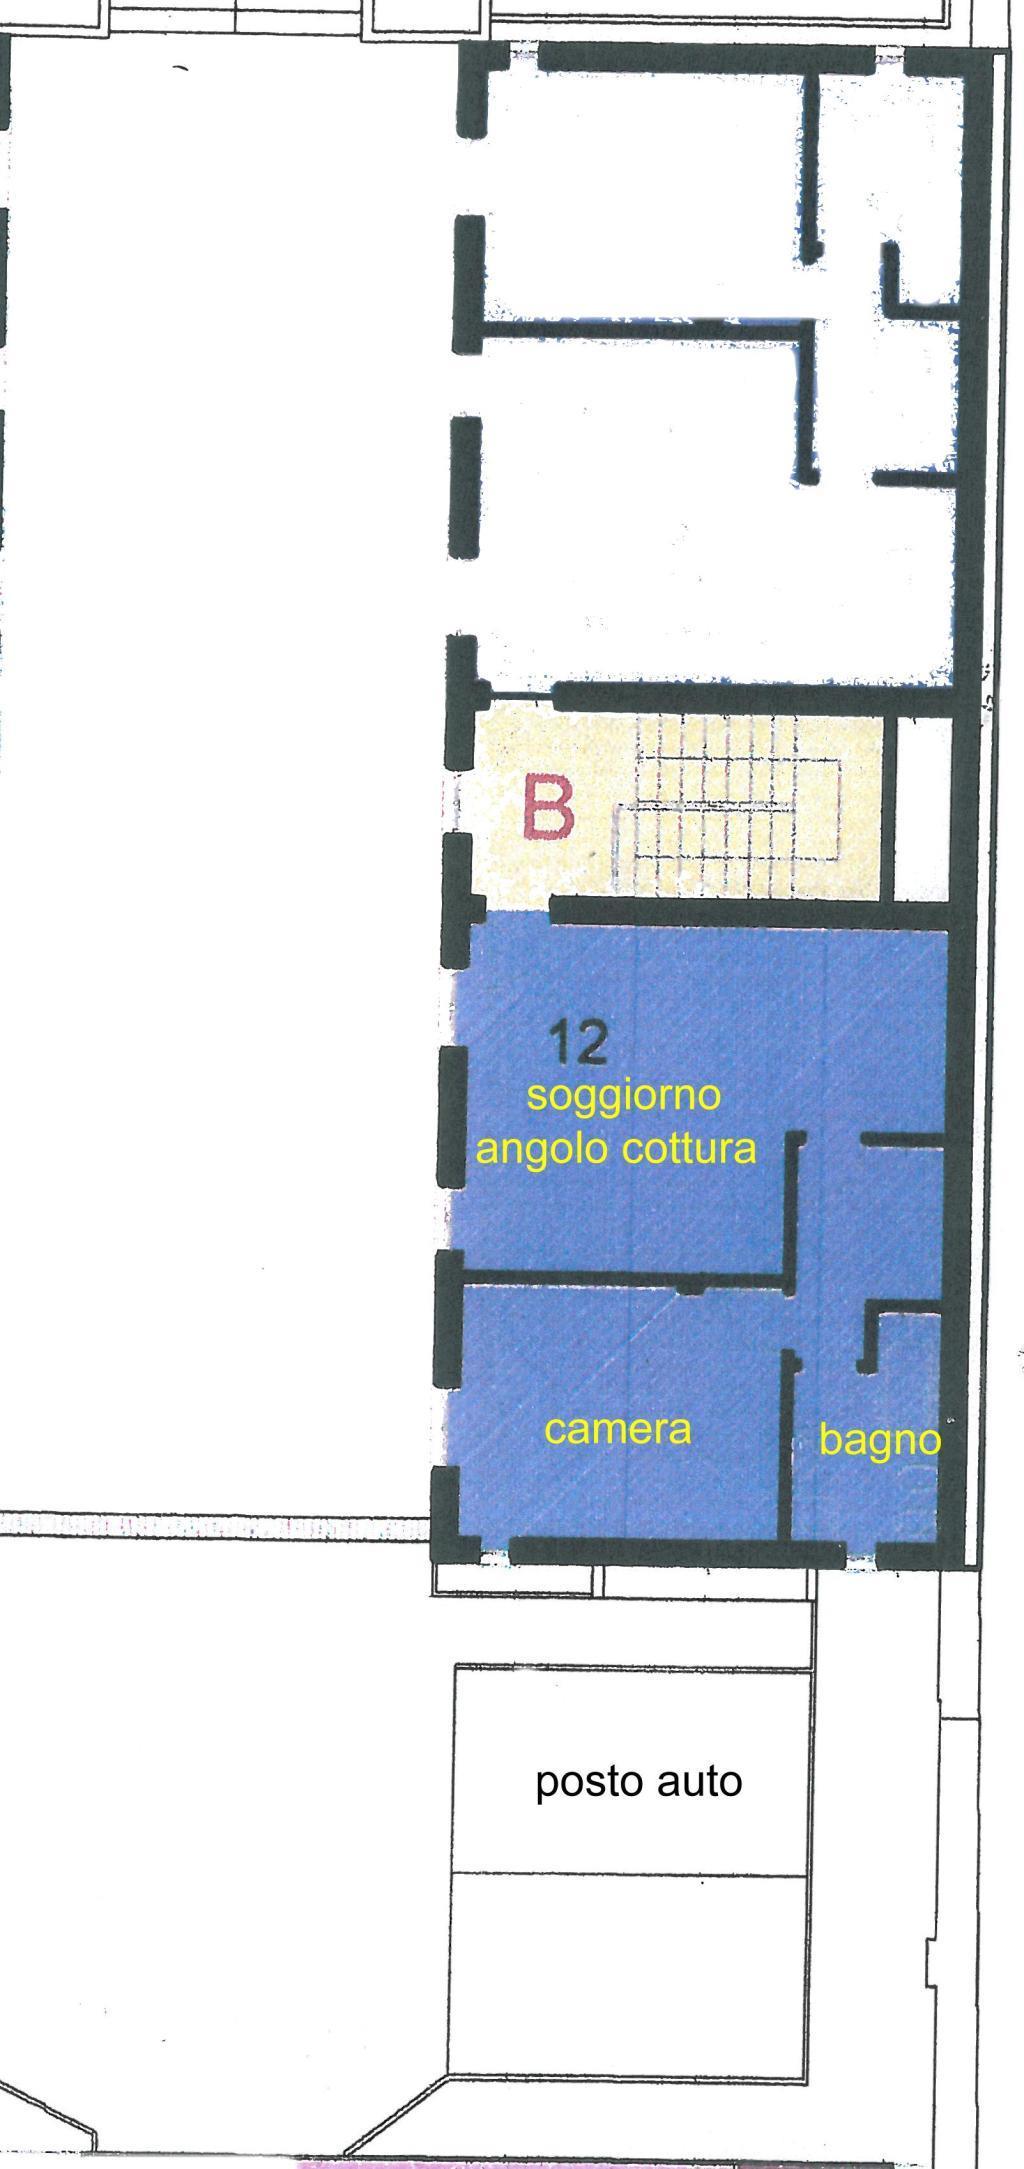 Affitto  bilocale Monza Via Cattaneo 24 1 1089311